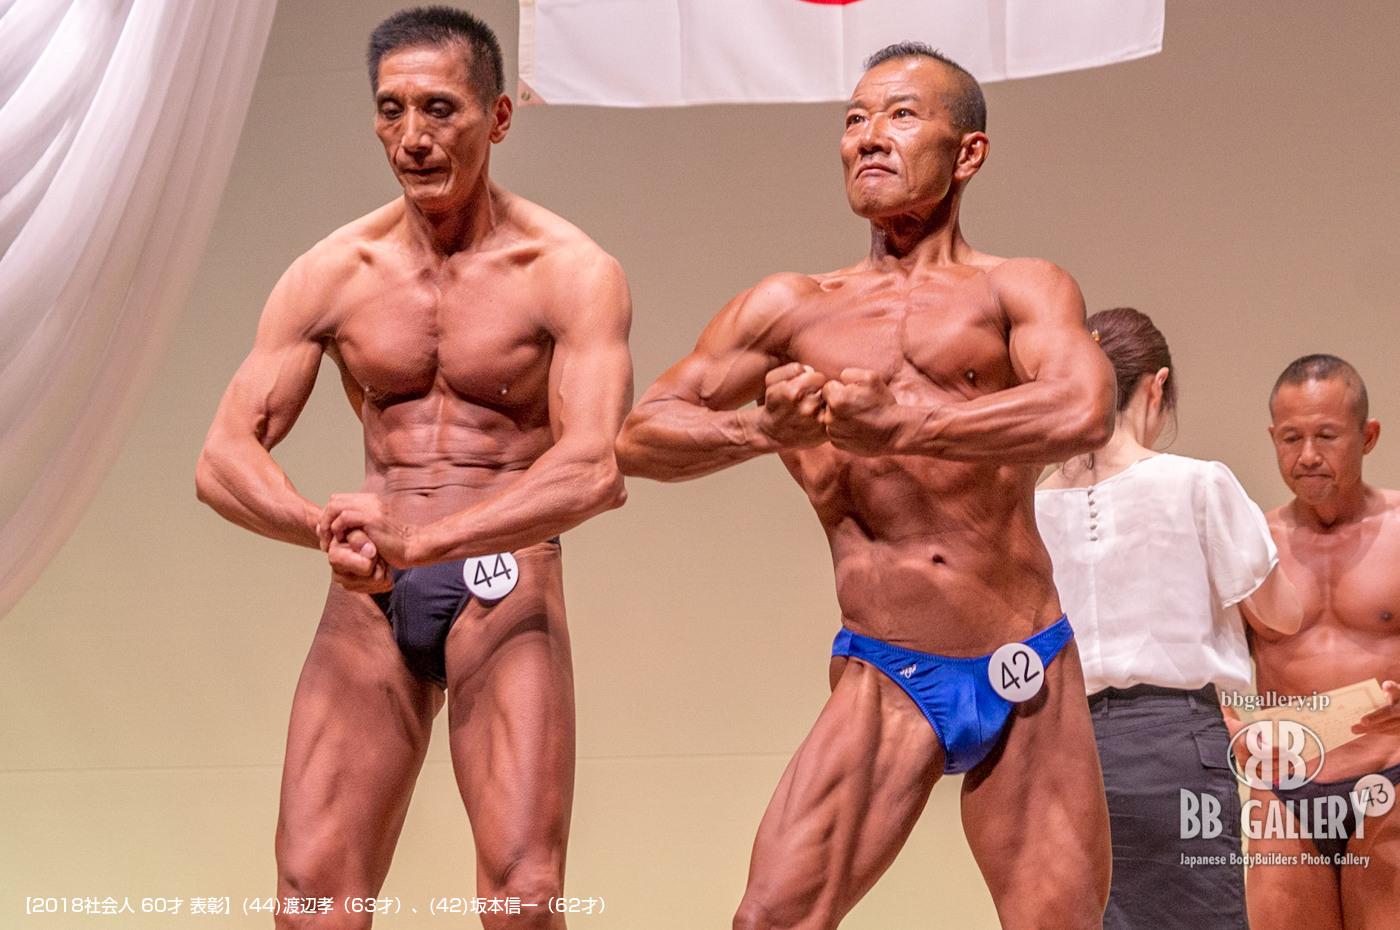 【2018社会人 60才 表彰】(44)渡辺孝(63才)、(42)坂本信一(62才)